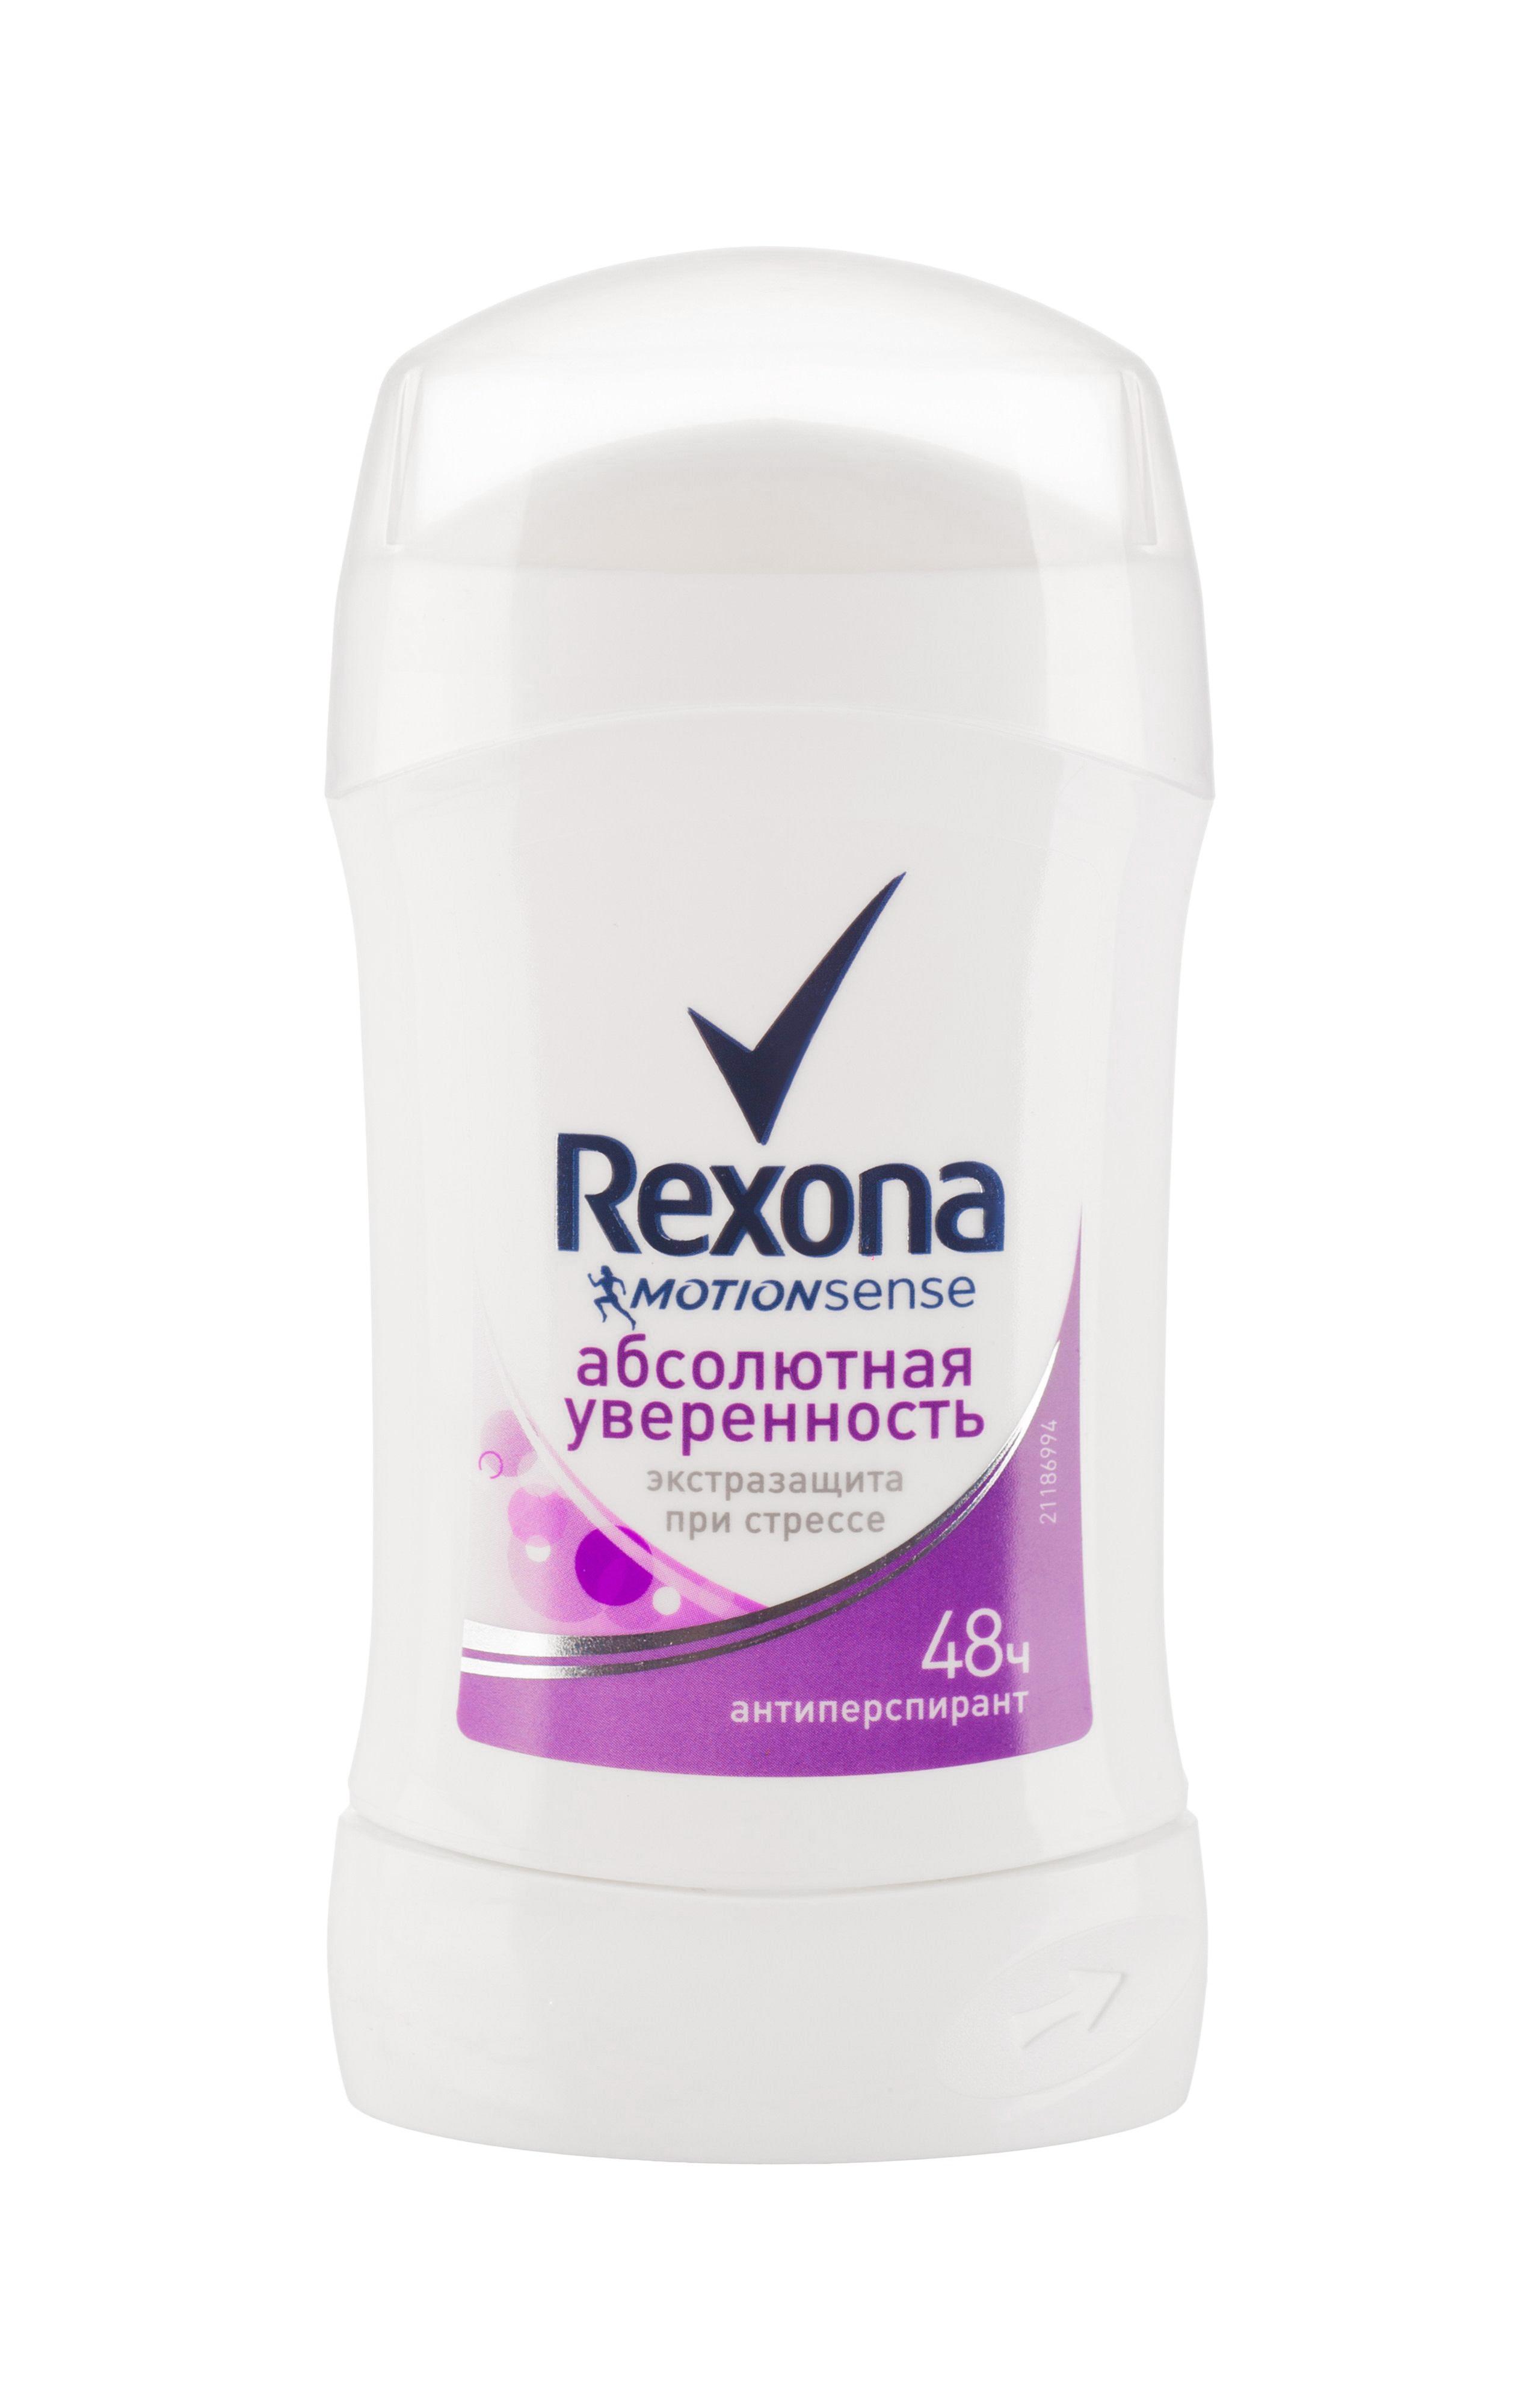 Rexona Motionsense Антиперспирант карандаш Энергия твоего дня 40 млFS-00897Карандаш Rexona Абсолютная уверенность - насладись захватывающим цветочно-цитрусовым ароматом с ориентальными нотками пачули, ванили и сливово-персиковым акцентом.